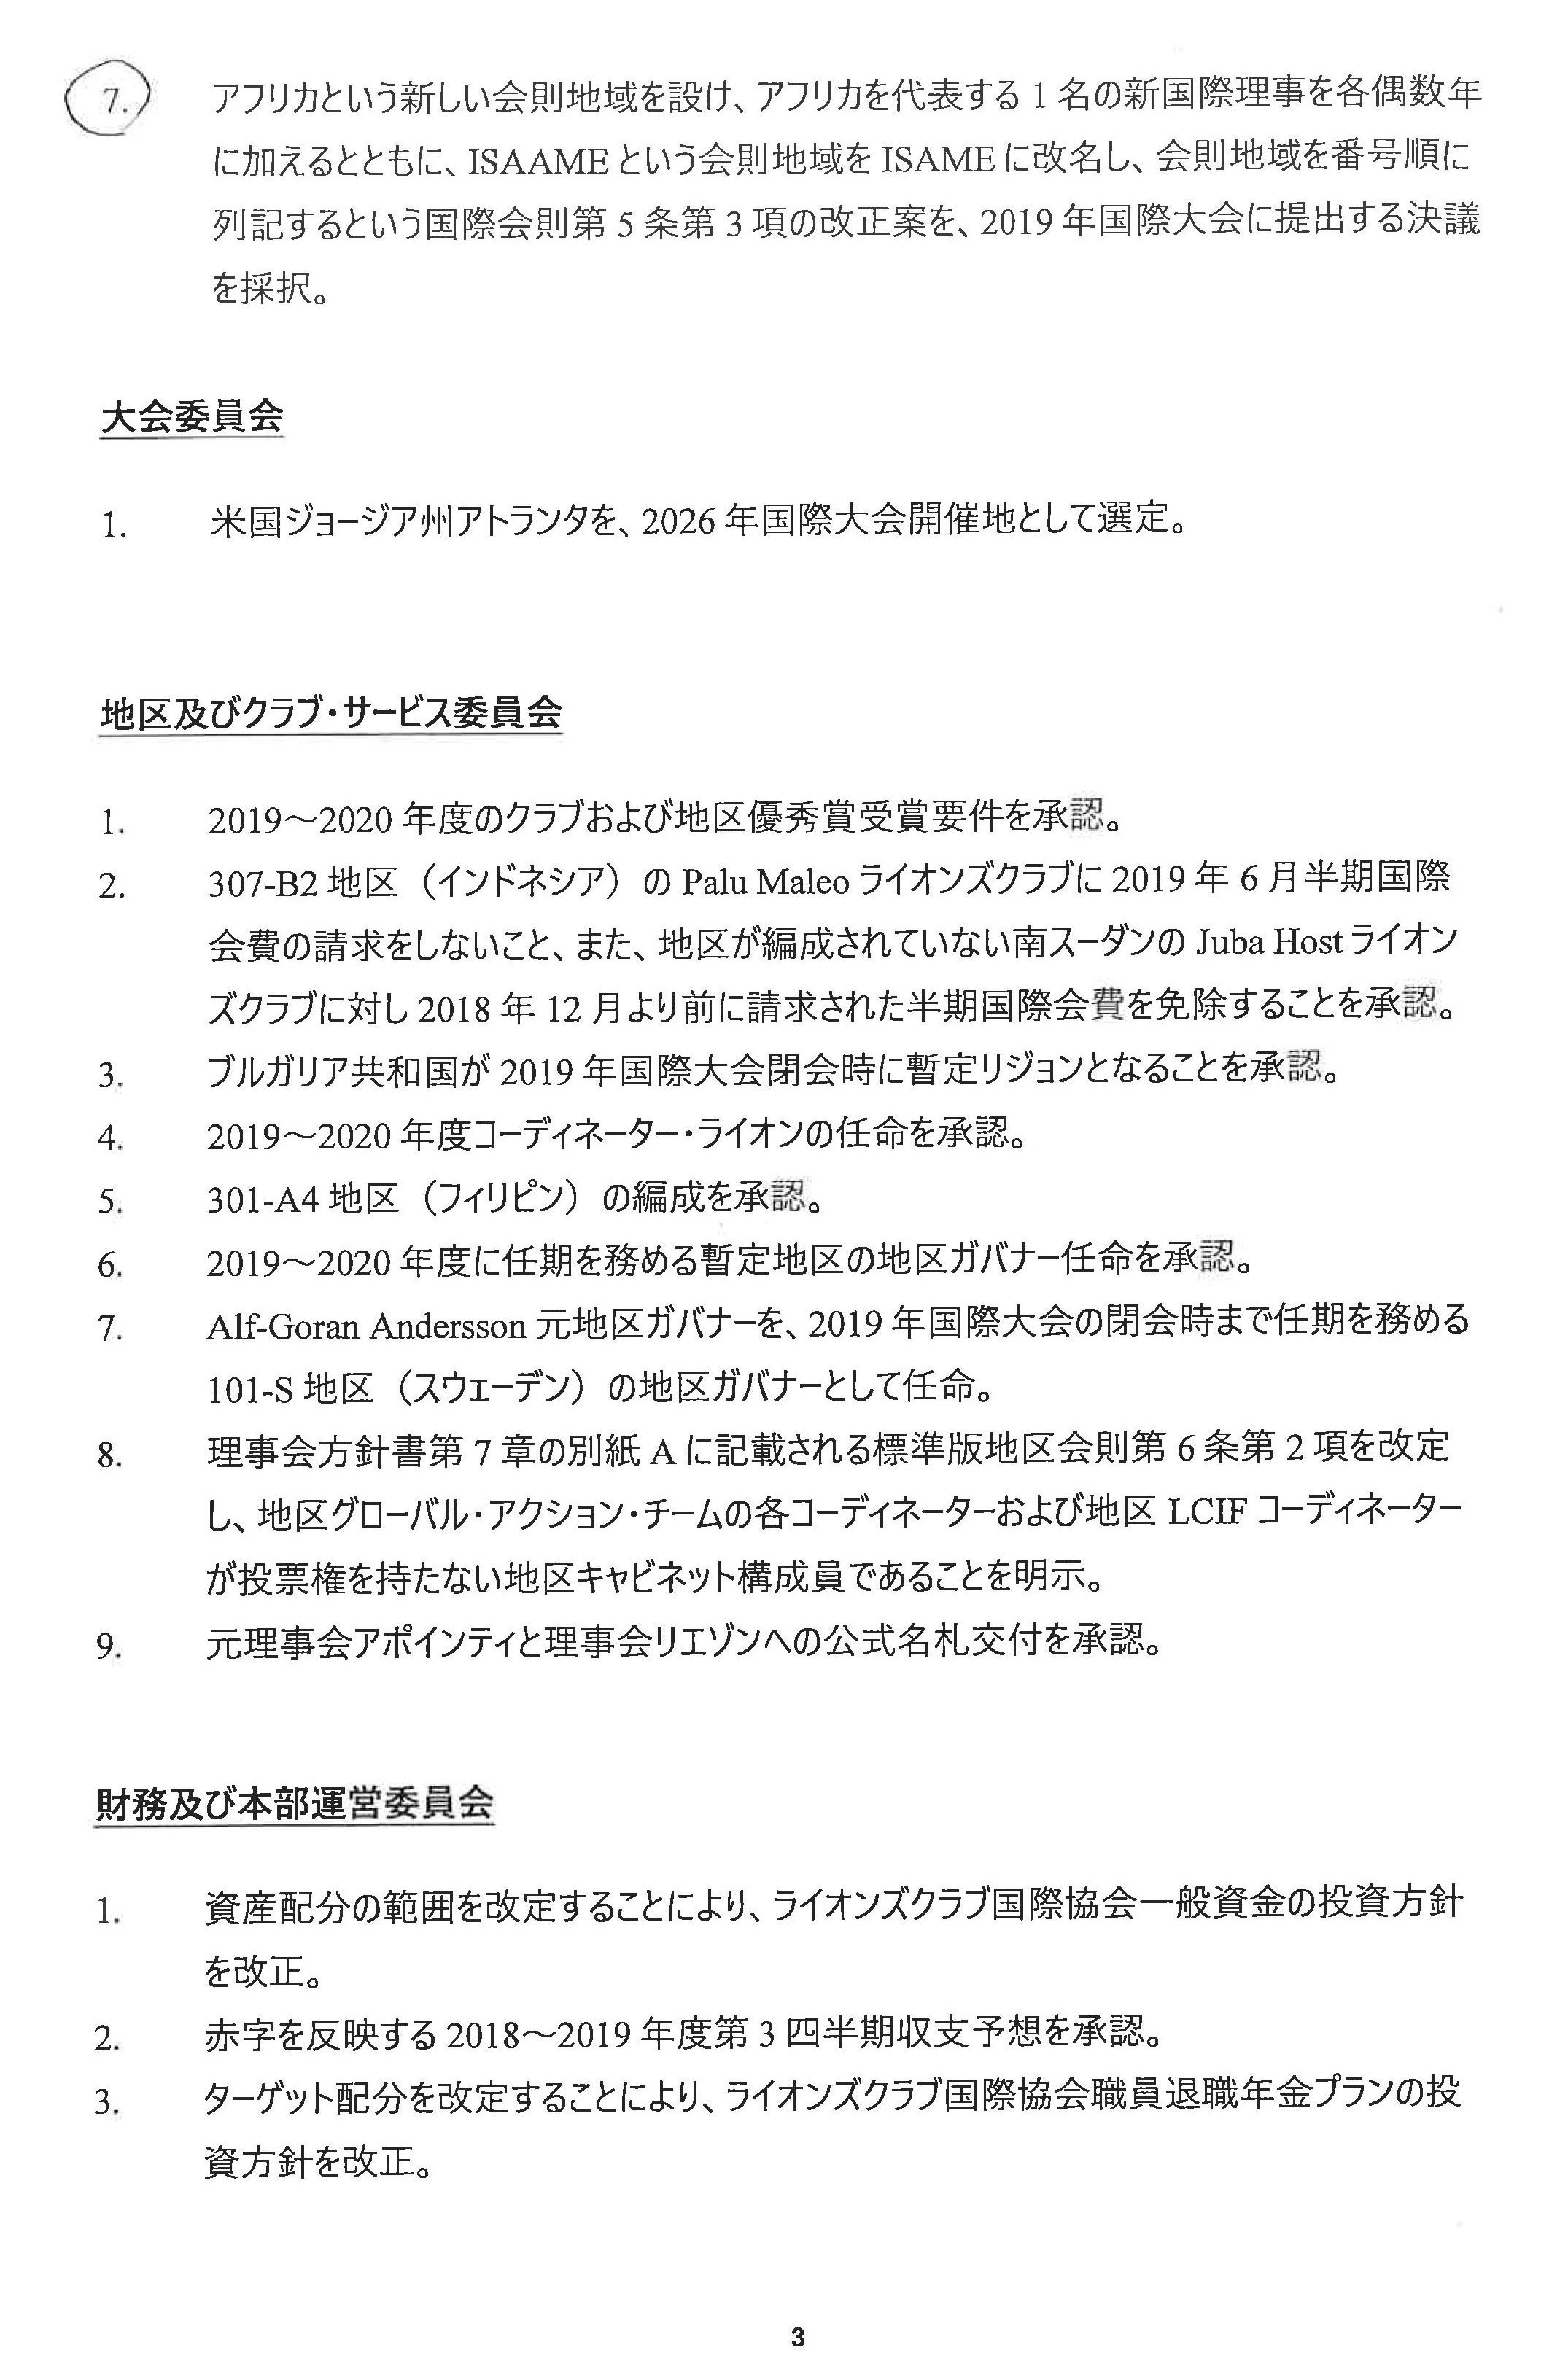 06準備ゾーン 決議事項要約 国際理事会議1